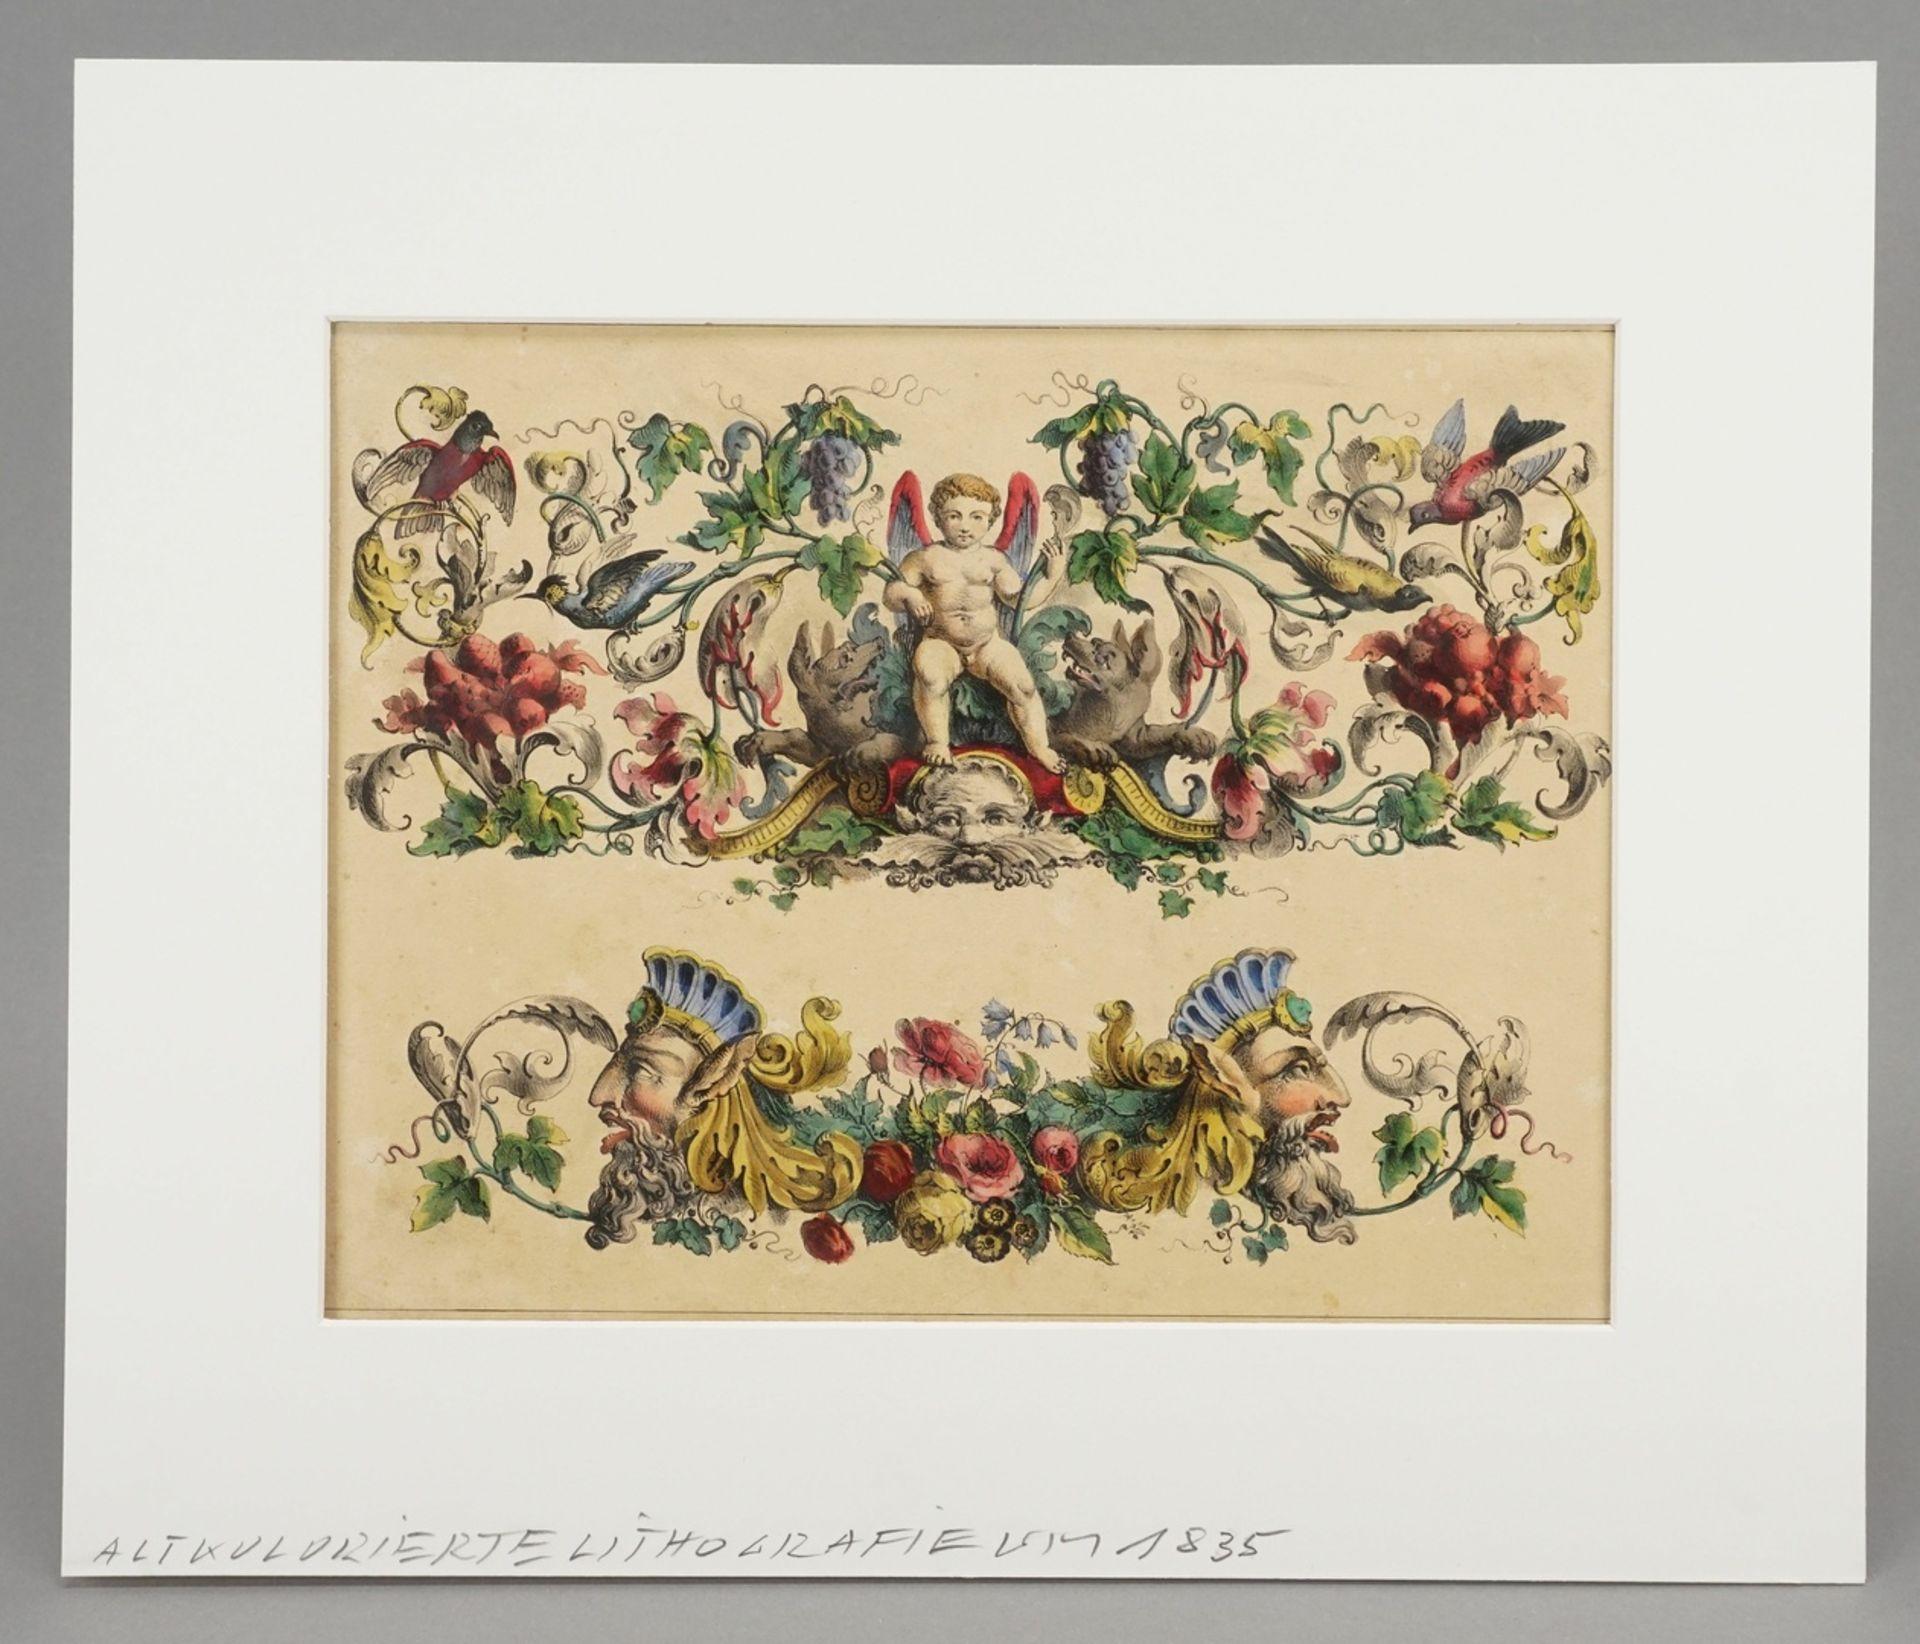 Dekorblatt mit Putto und Grotesken - Bild 2 aus 3